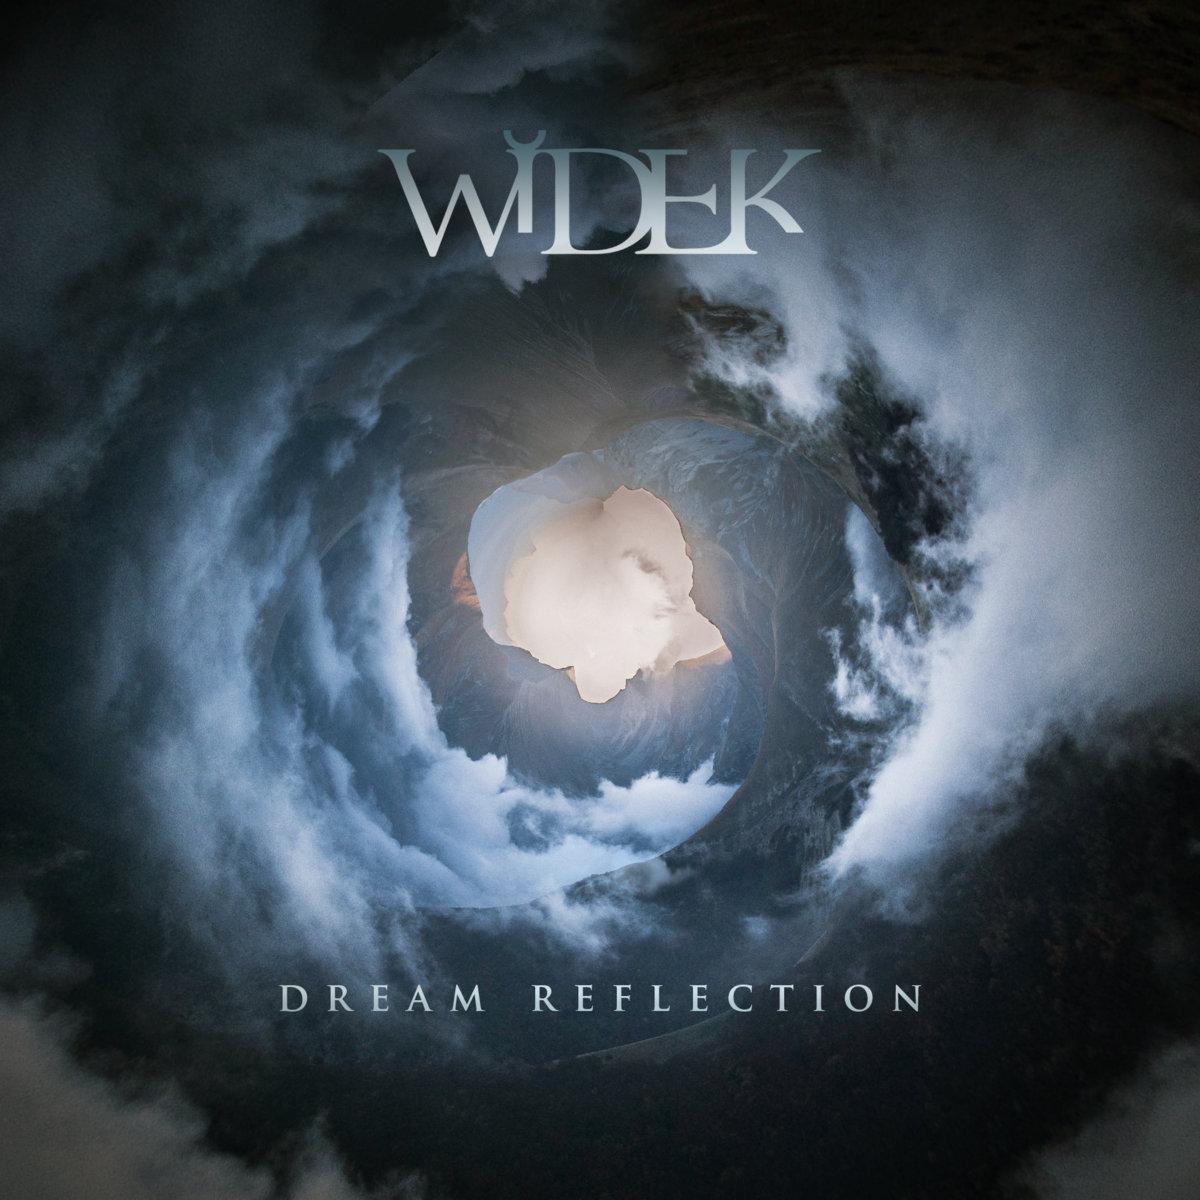 Widek - Adventurer (feat. Sithu Aye) / Skybridges (feat. Stel Andre) [single] (2018)